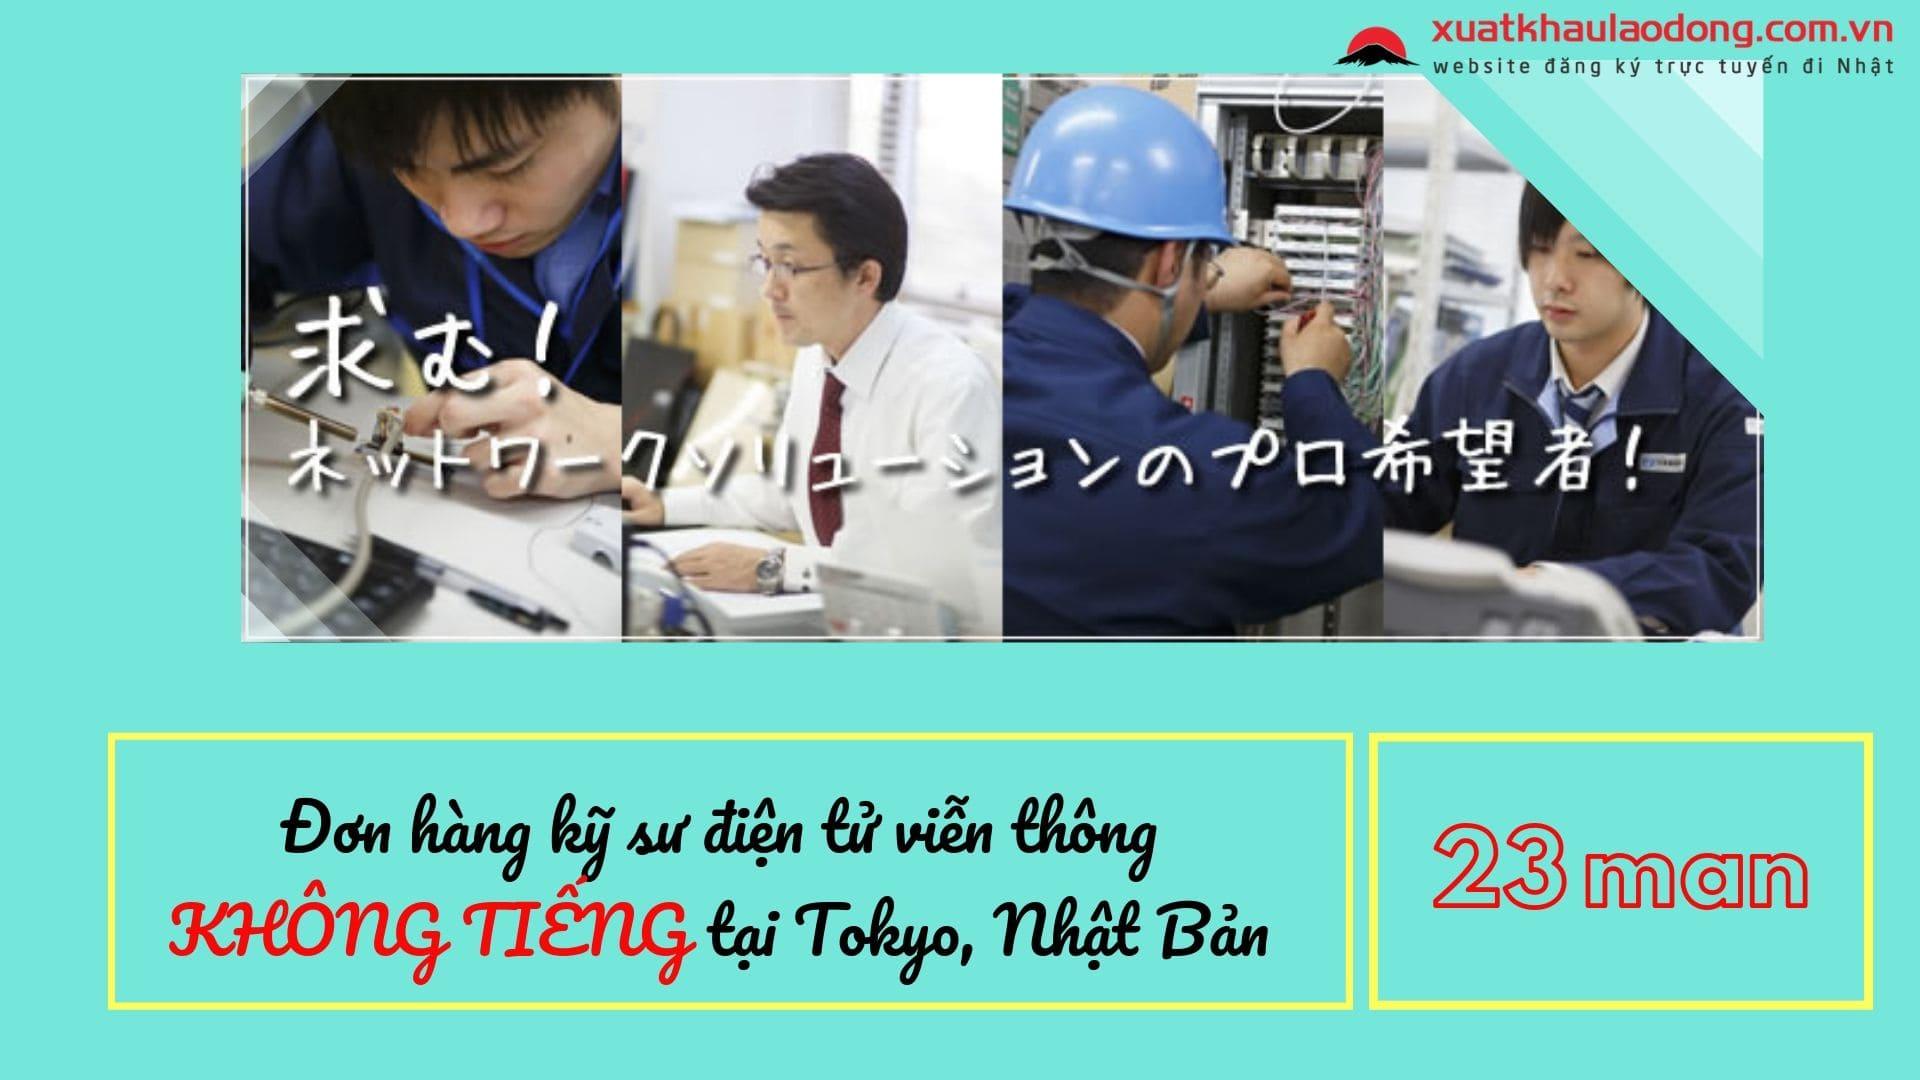 Tuyển dụng 15 kỹ sư điện tử viễn thông đi Nhật lương 23 man, KHÔNG TIẾNG tại Tokyo